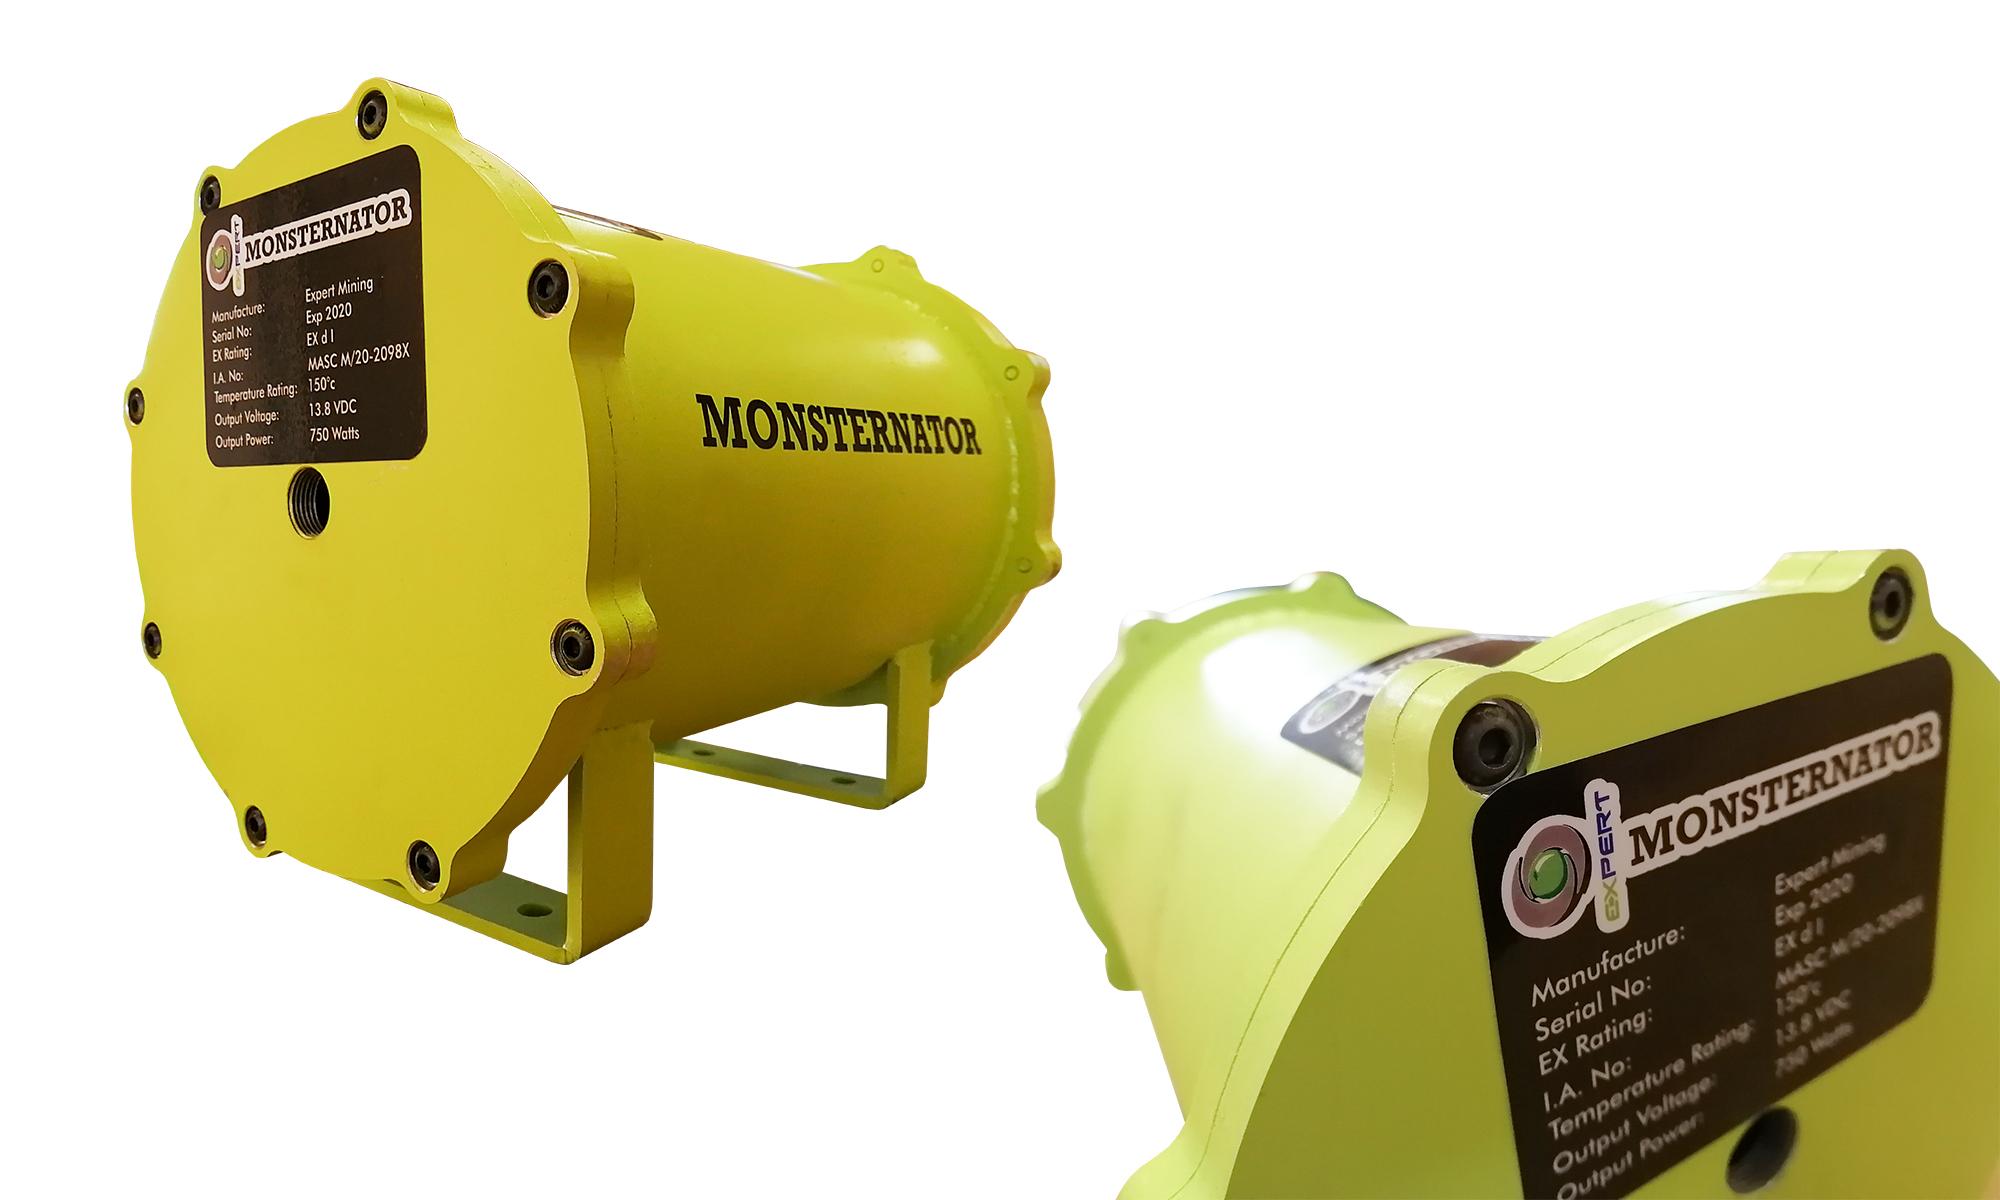 The Monsternator